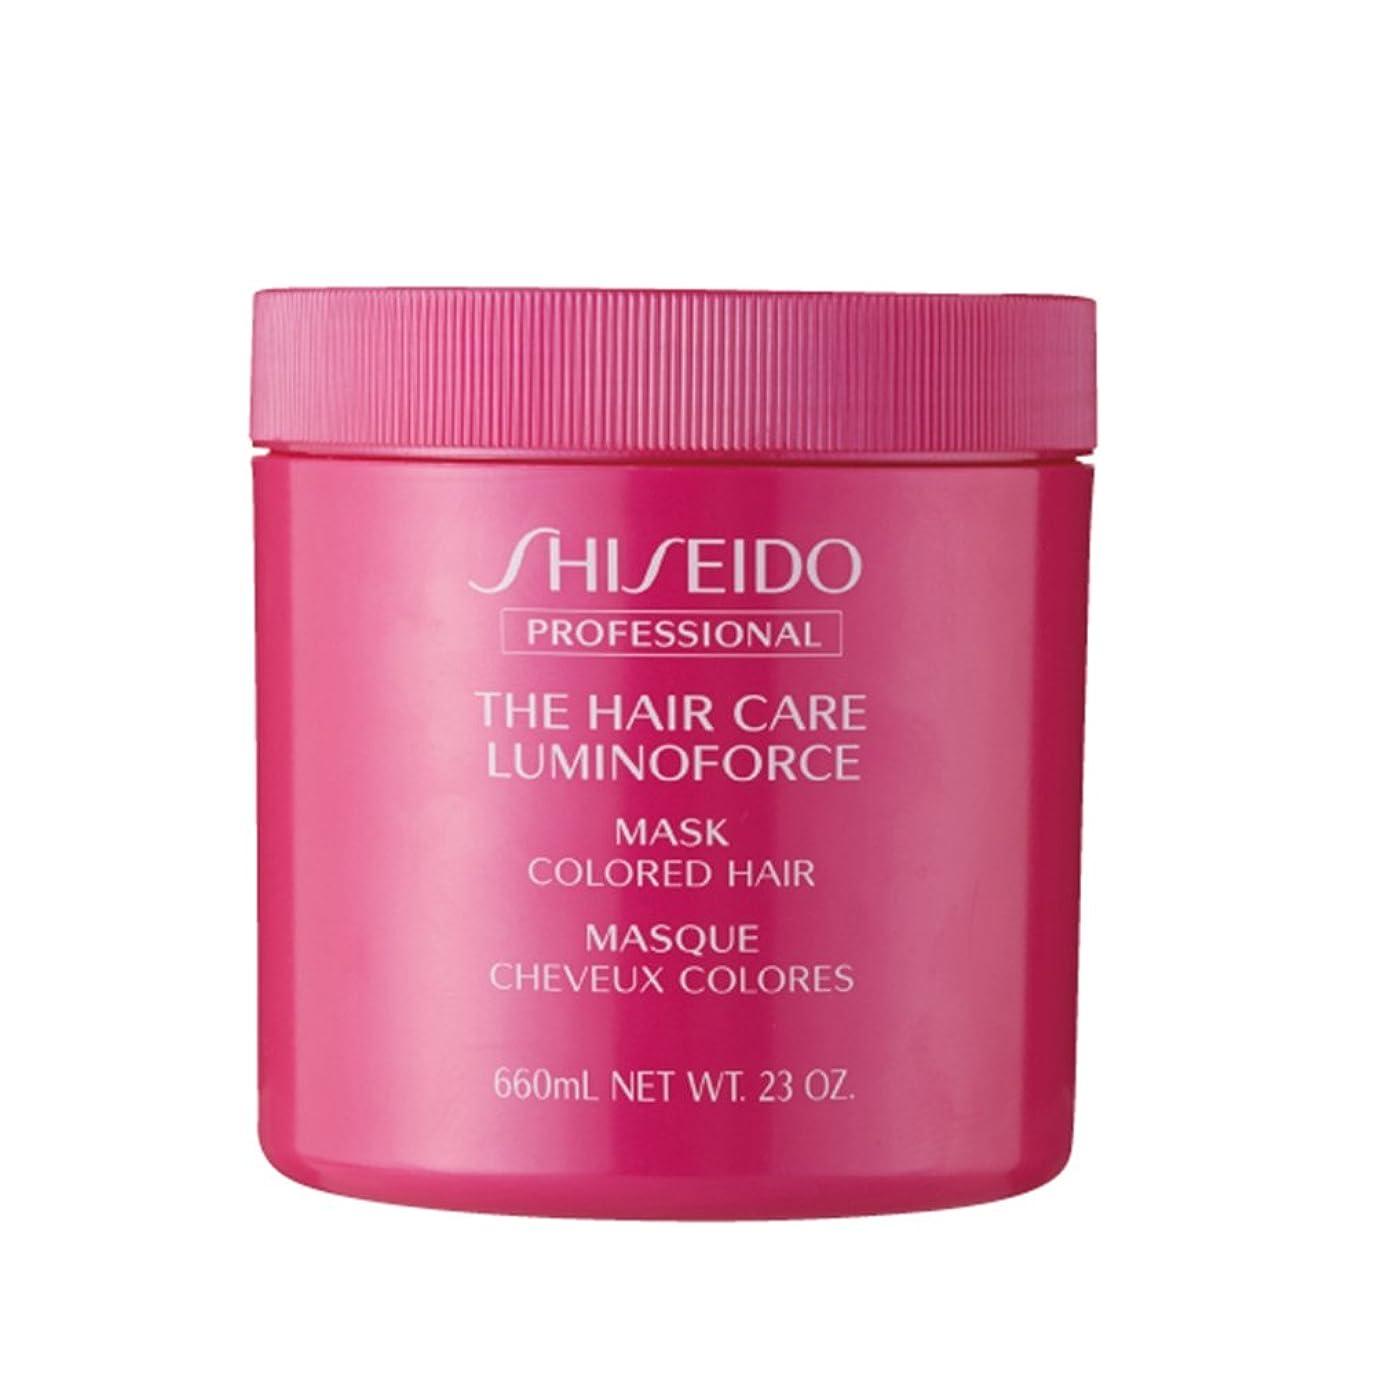 間違っているステートメント時期尚早資生堂 THC ルミノフォースマスク 680g ×3個 セットヘアカラーを繰り返したごわついた髪を、芯からしなやかでつややかな髪へSHISEIDO LUMINOFORCE